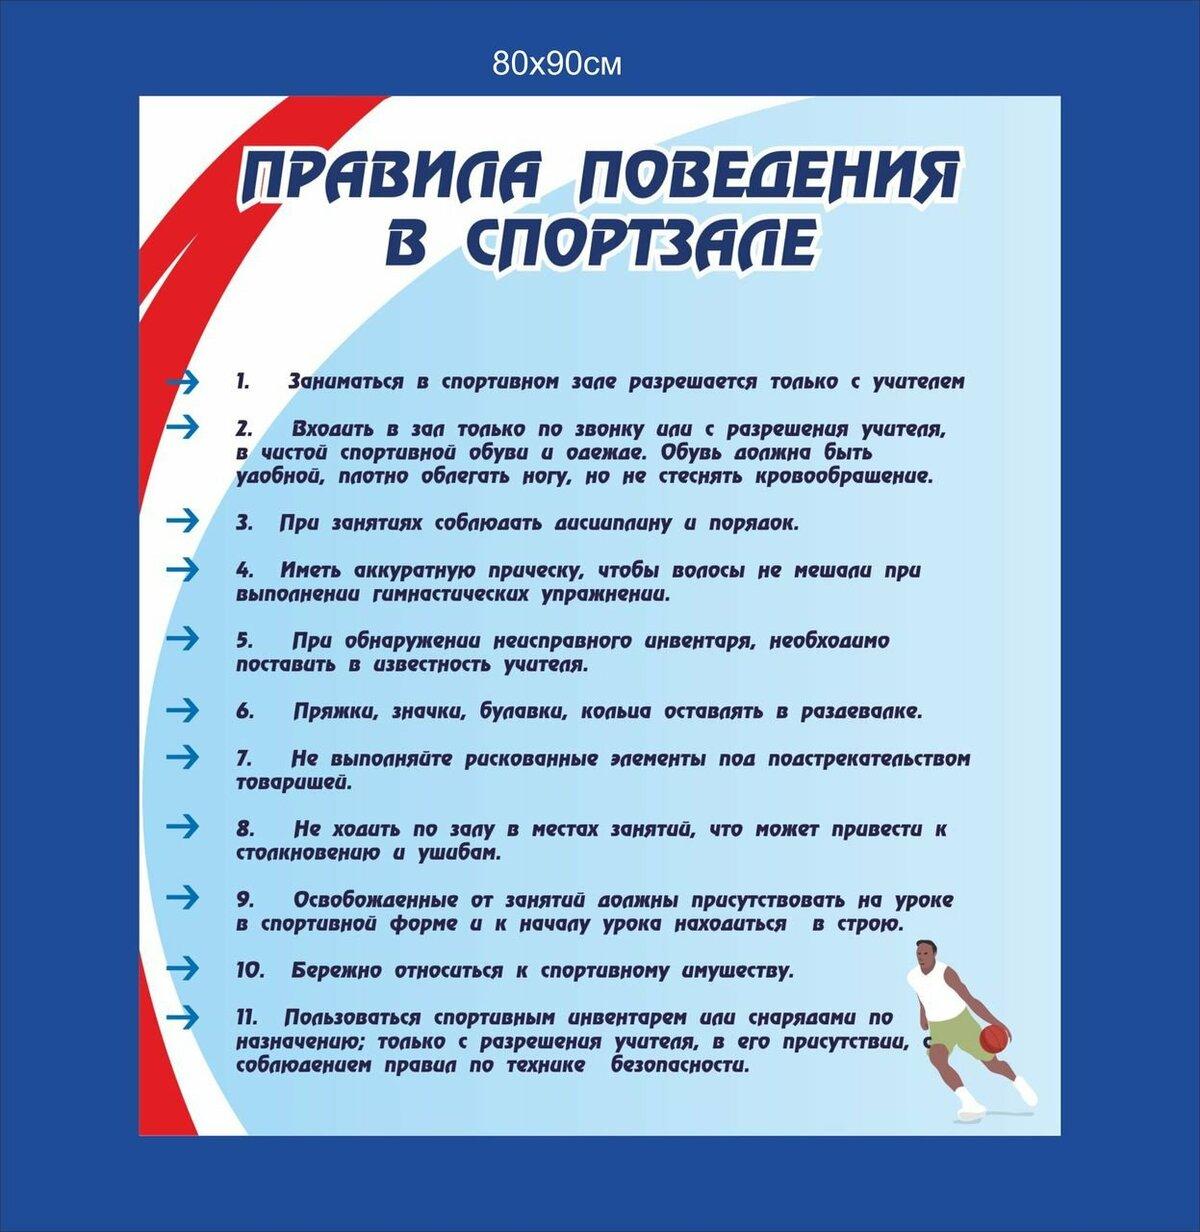 Техника безопасности в спортивном зале, правила поведения, инструкции